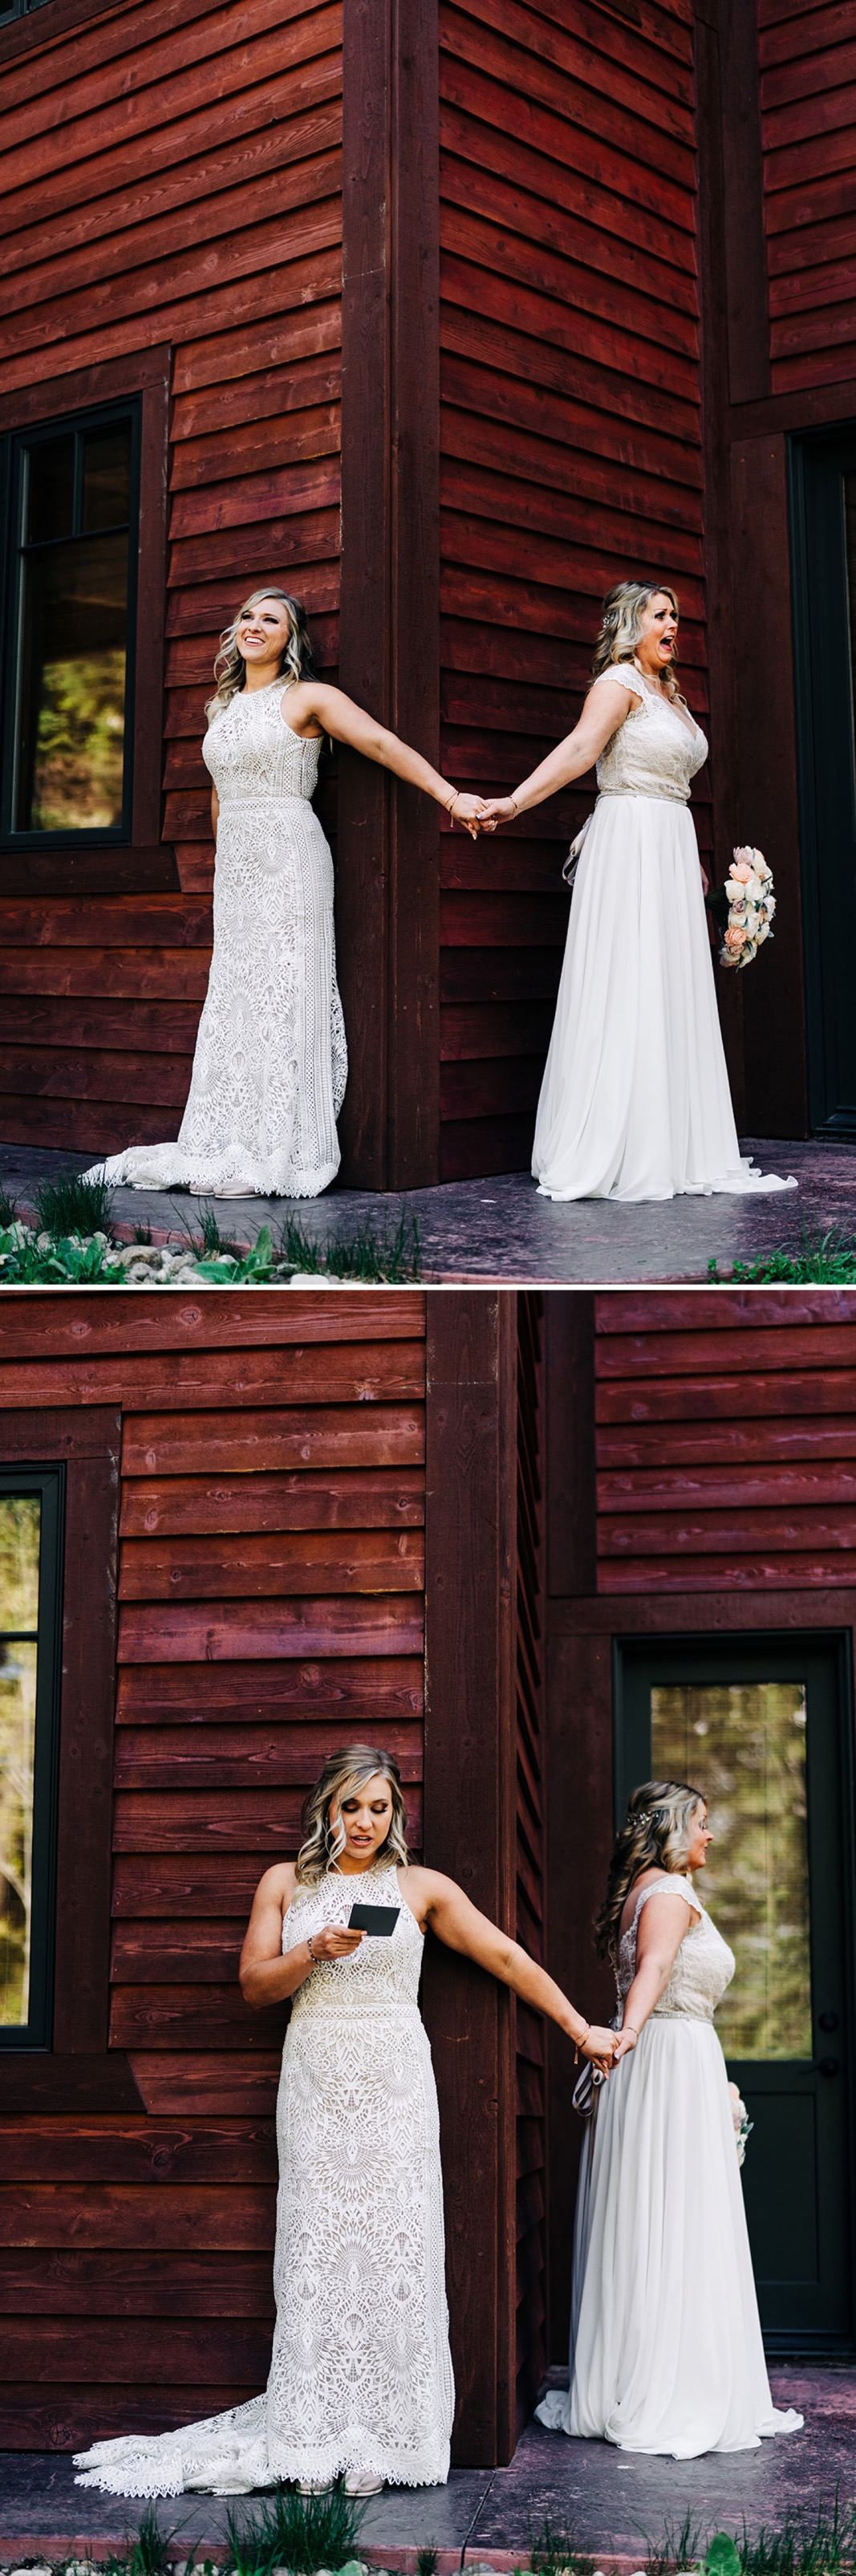 042_falissa_heather_wedding-114_falissa_heather_wedding-111.jpg